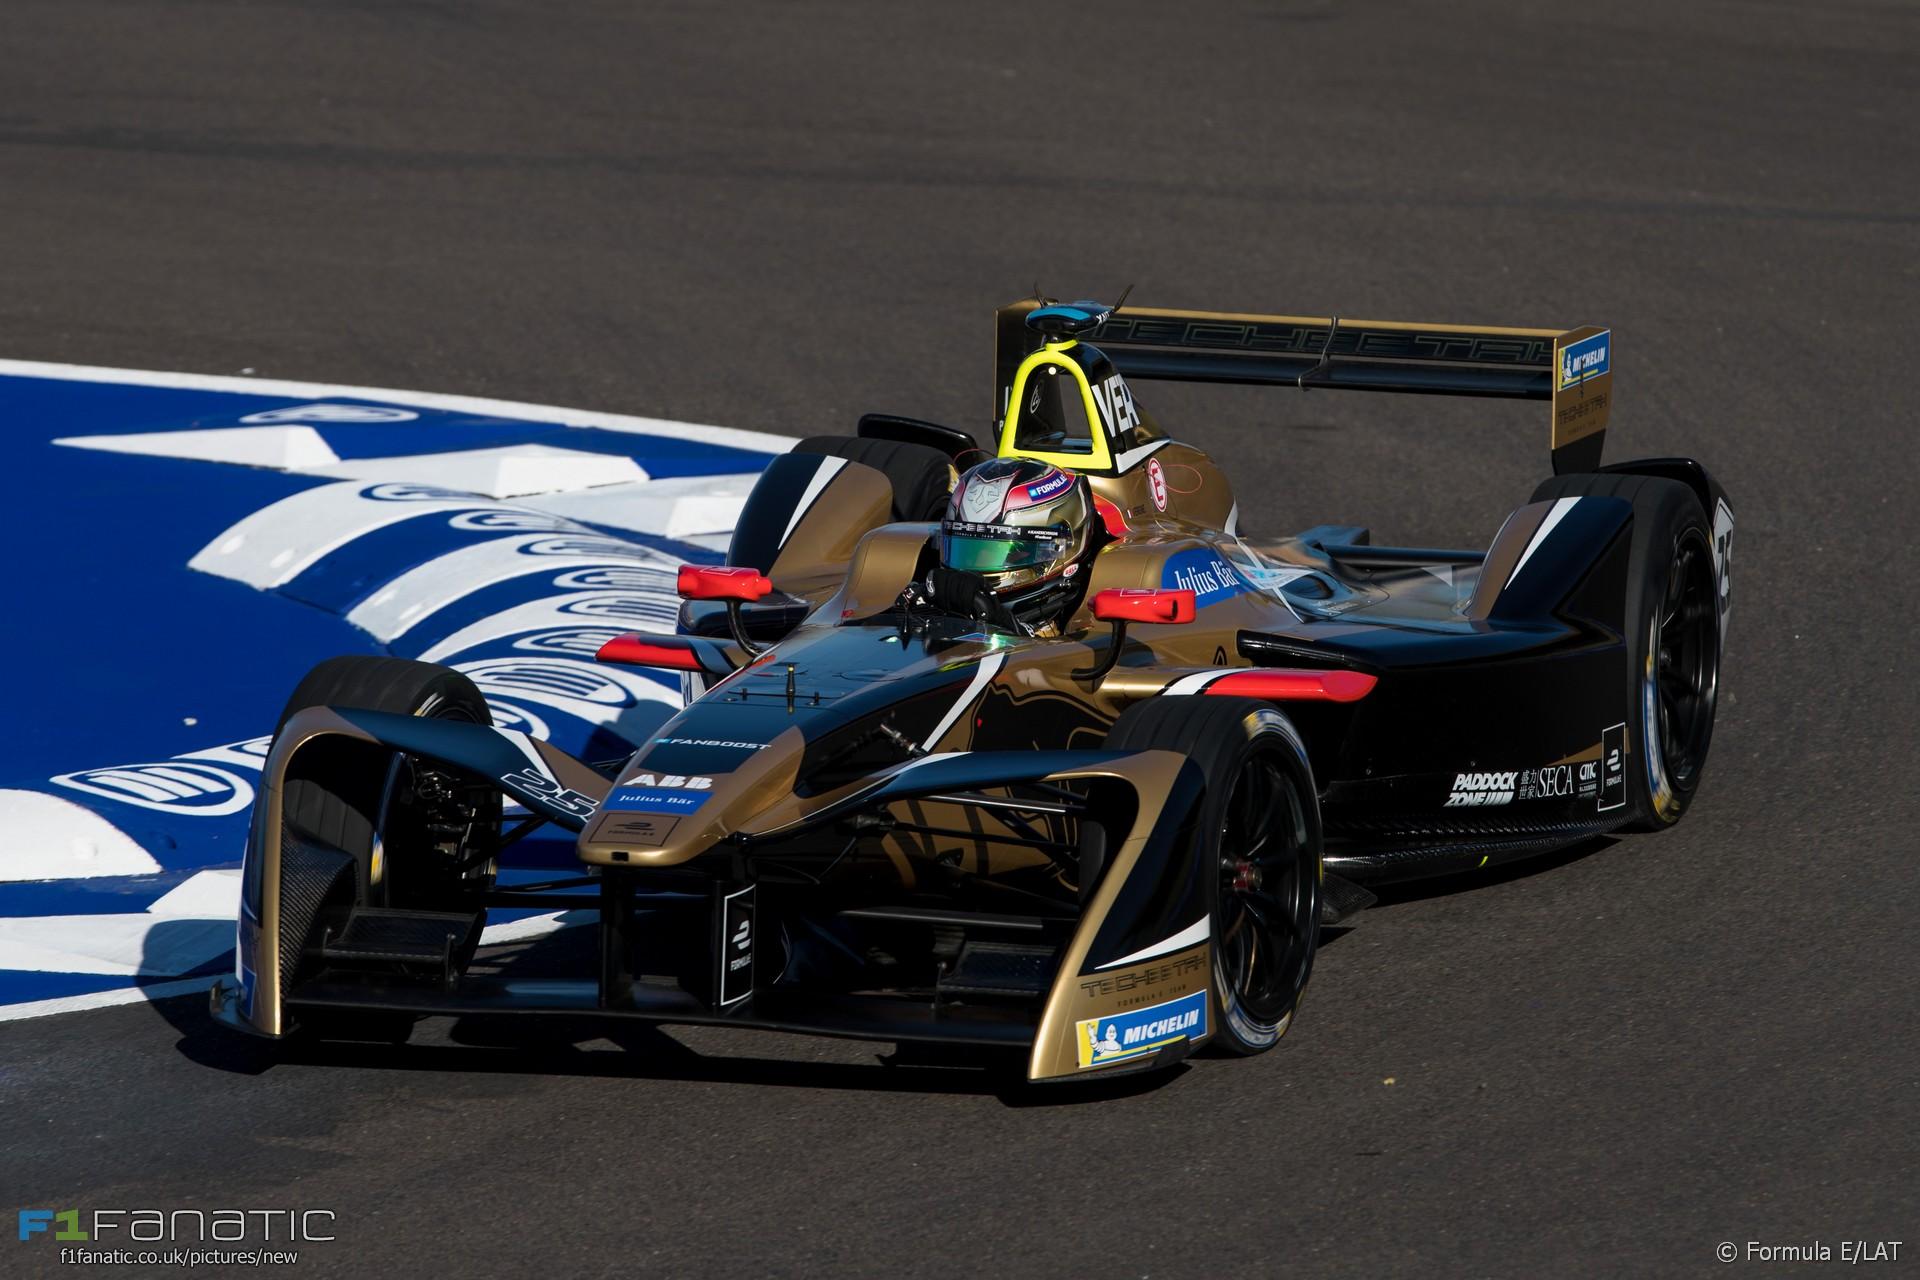 Jean Eric Vergne, Marrakesh, Formula E, 2018